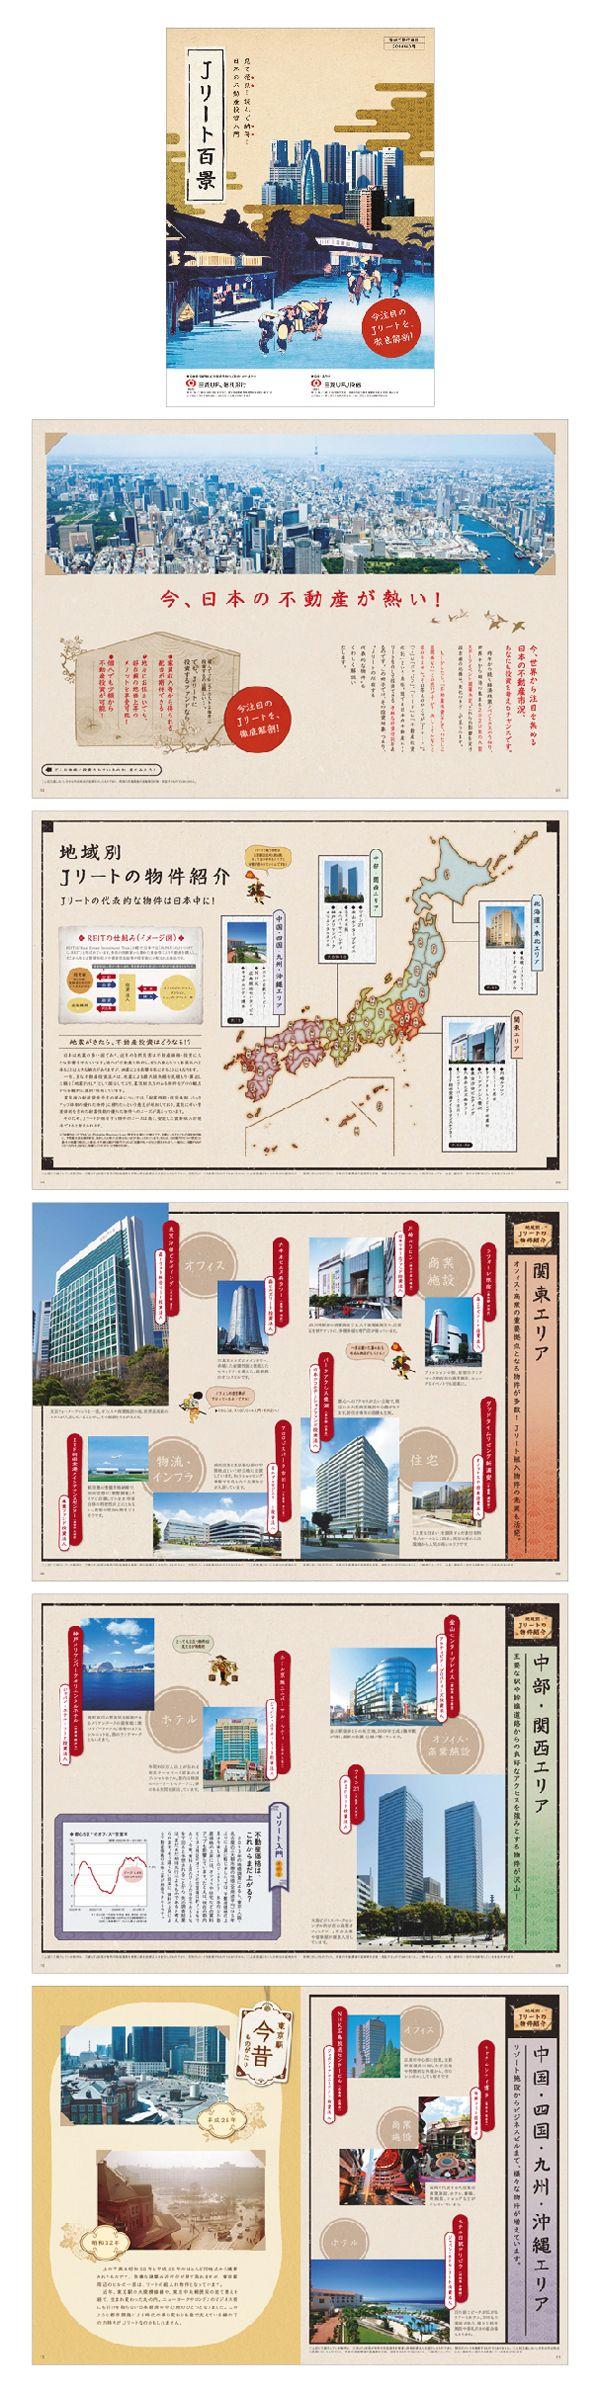 2014 三菱UFJ投信 Jリート百景 リーフレット